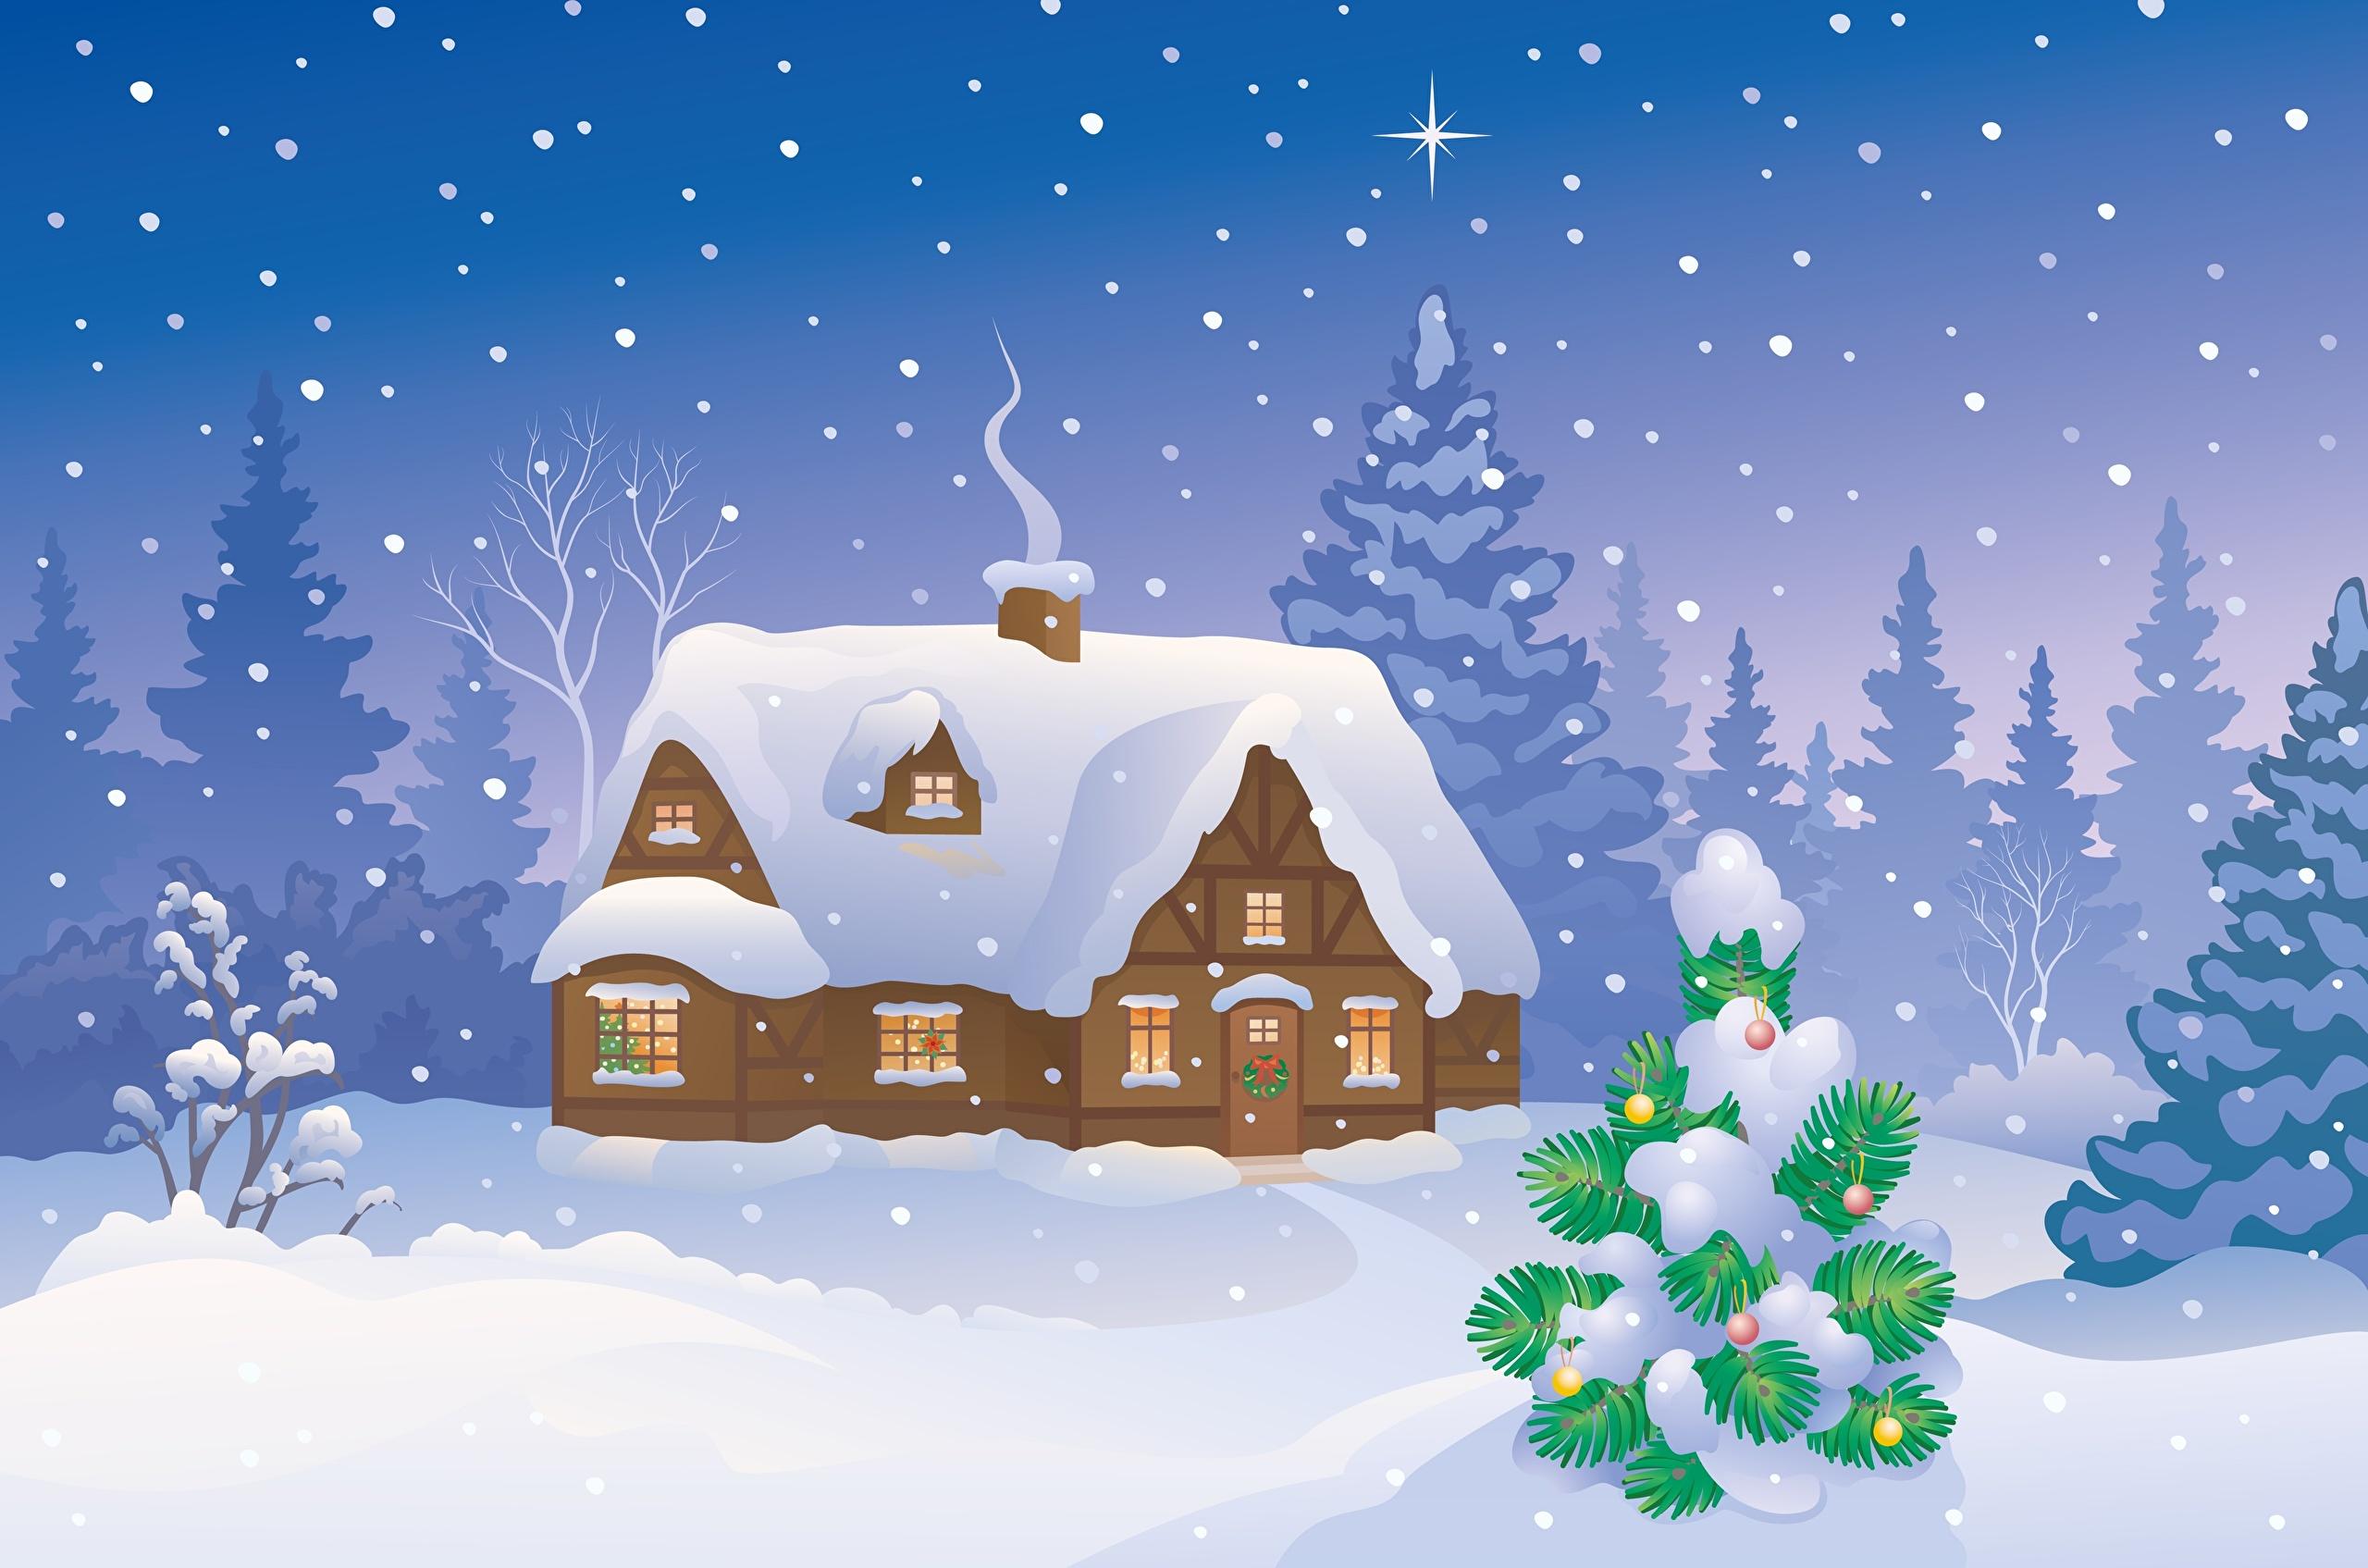 картинка сказочного зимнего домика изготовлении клепаного